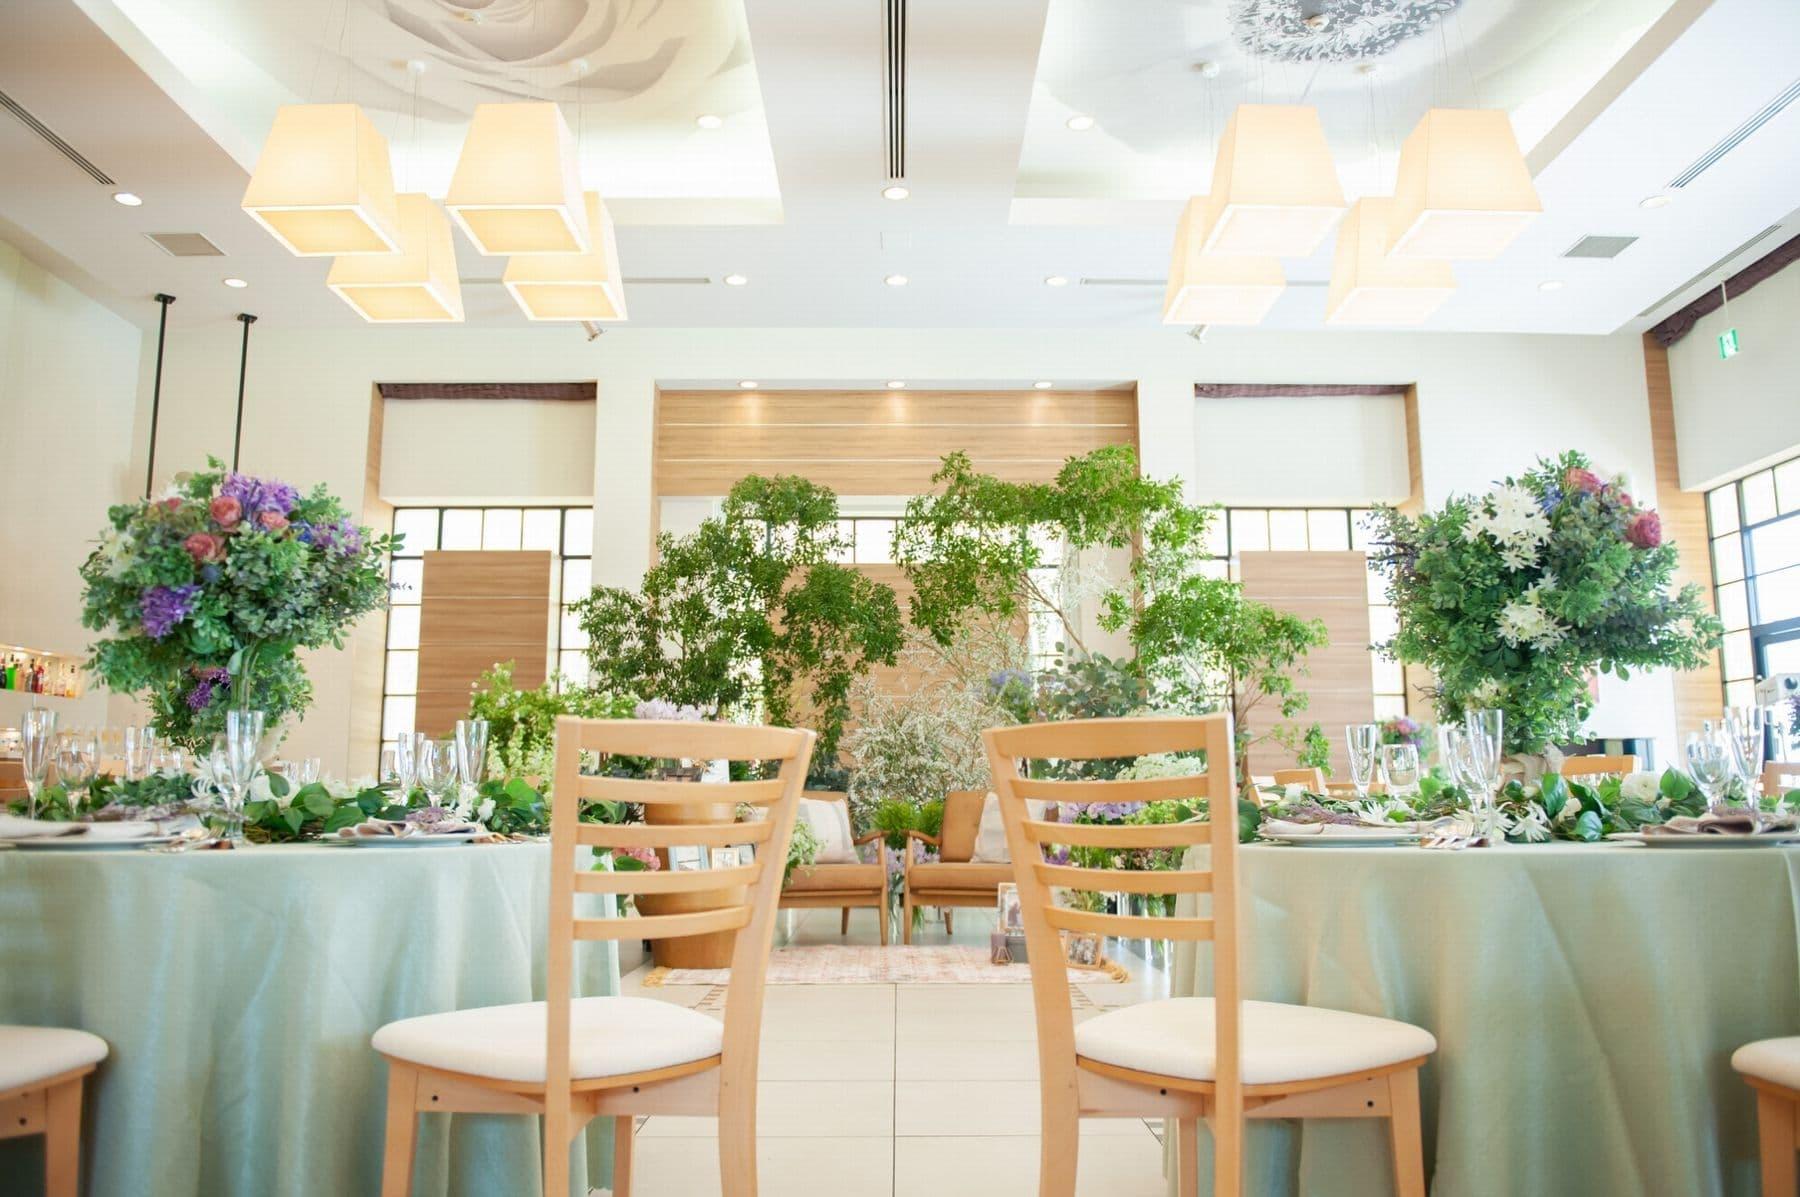 香川県の結婚式場シェルエメール&アイスタイルの会場がリニューアルオープン!